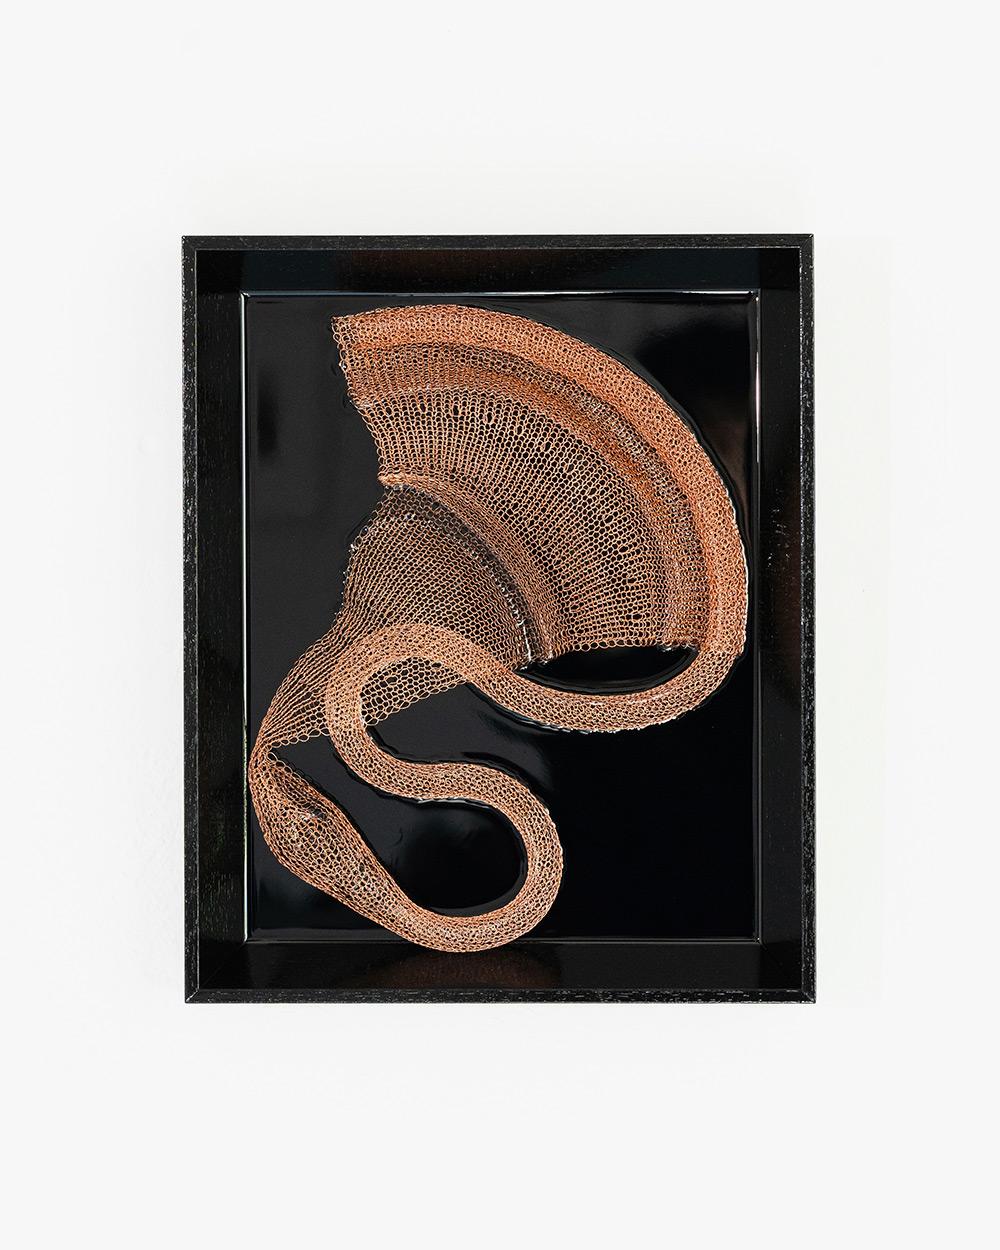 Julia Smirnova - Asklepios Trace